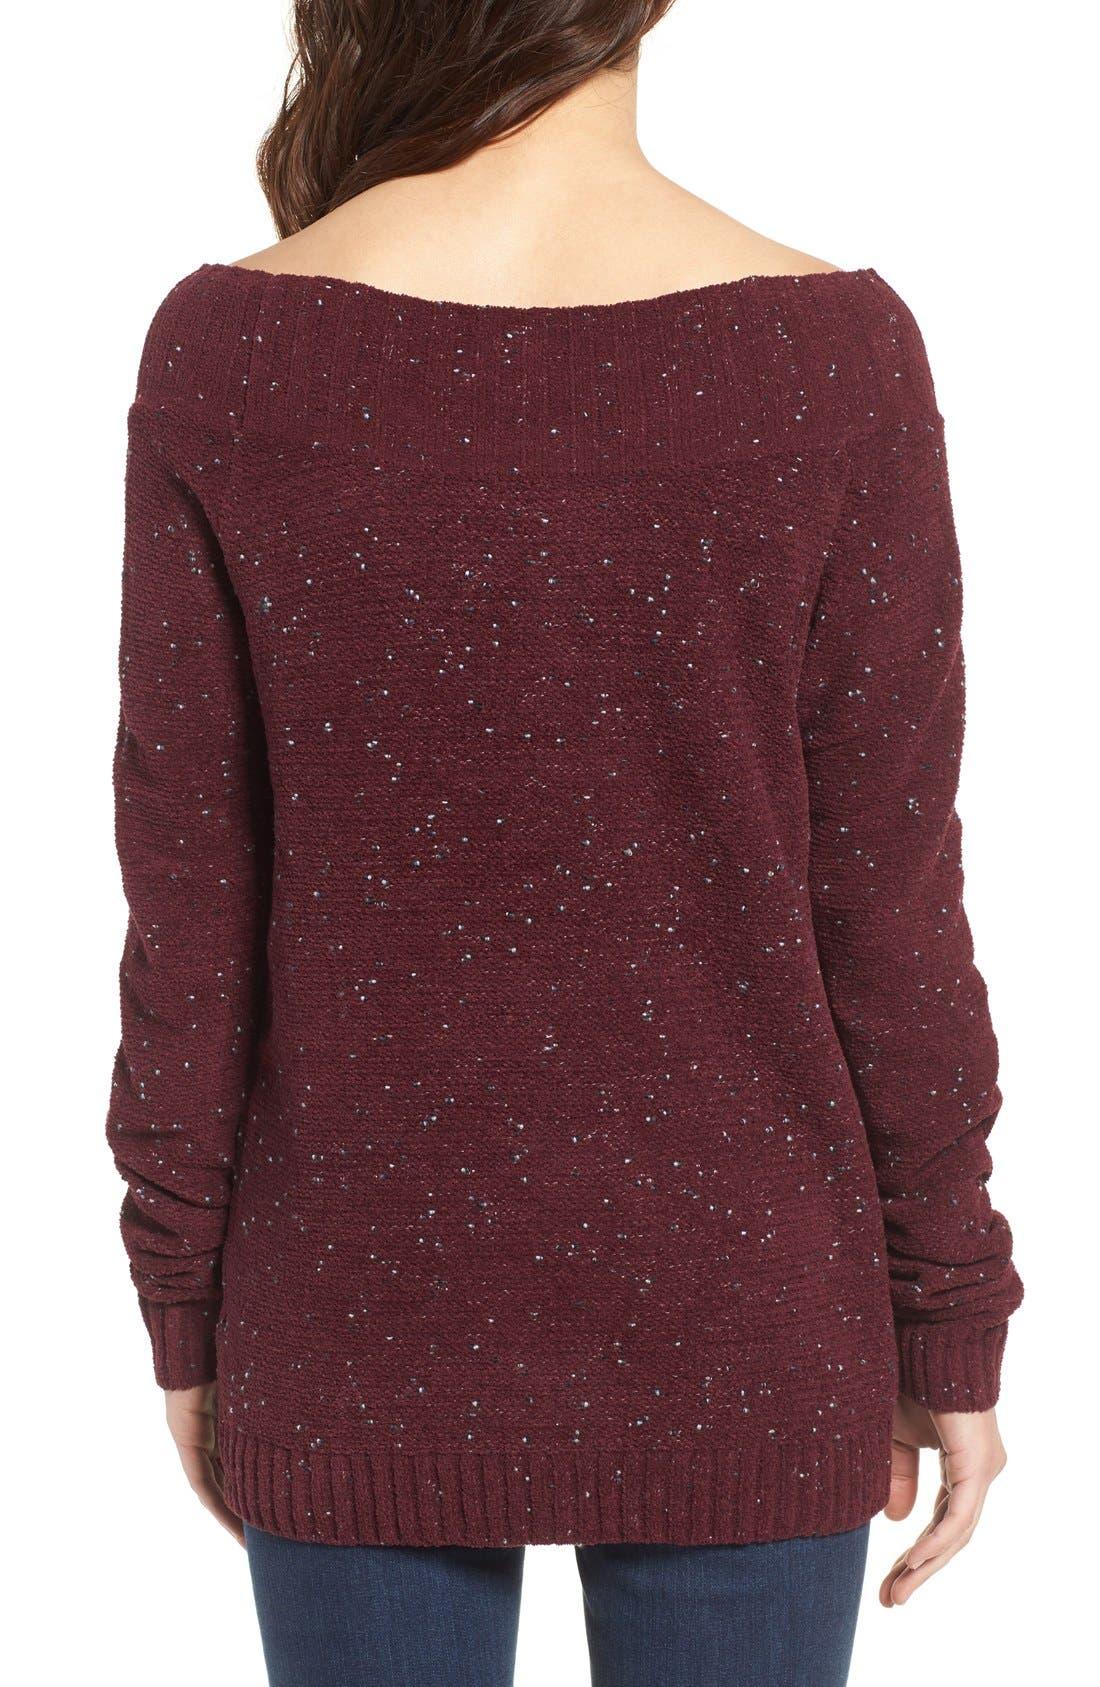 'Marilyn' Sweater,                             Alternate thumbnail 2, color,                             Burgundy Stem Chenille Combo